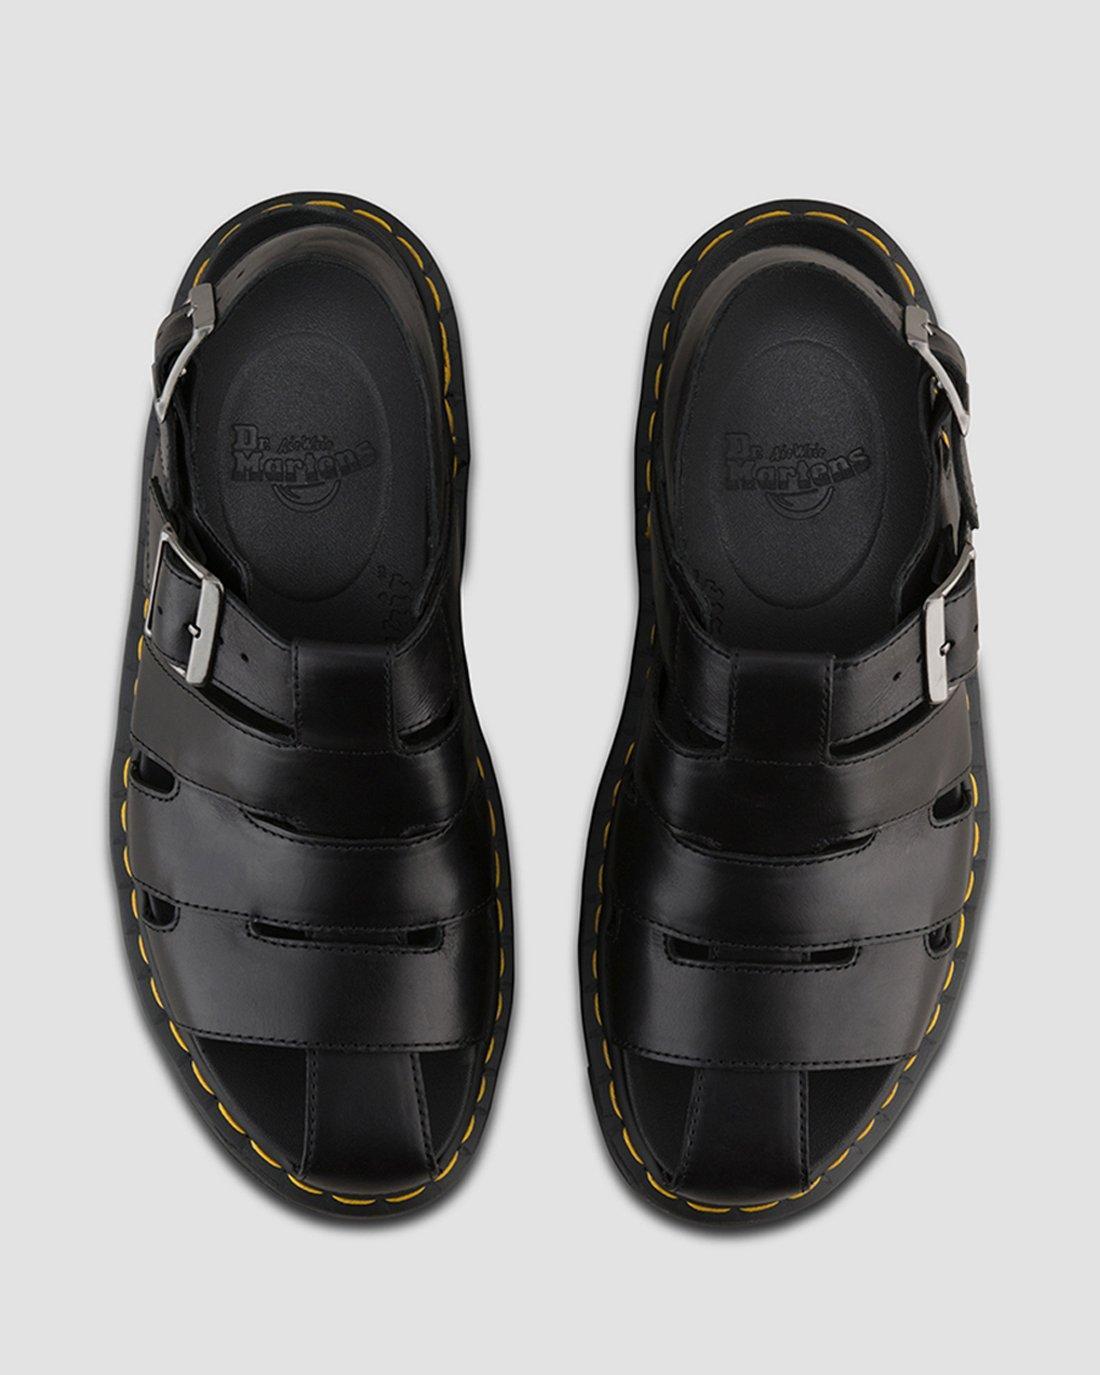 dr martens abel sandals